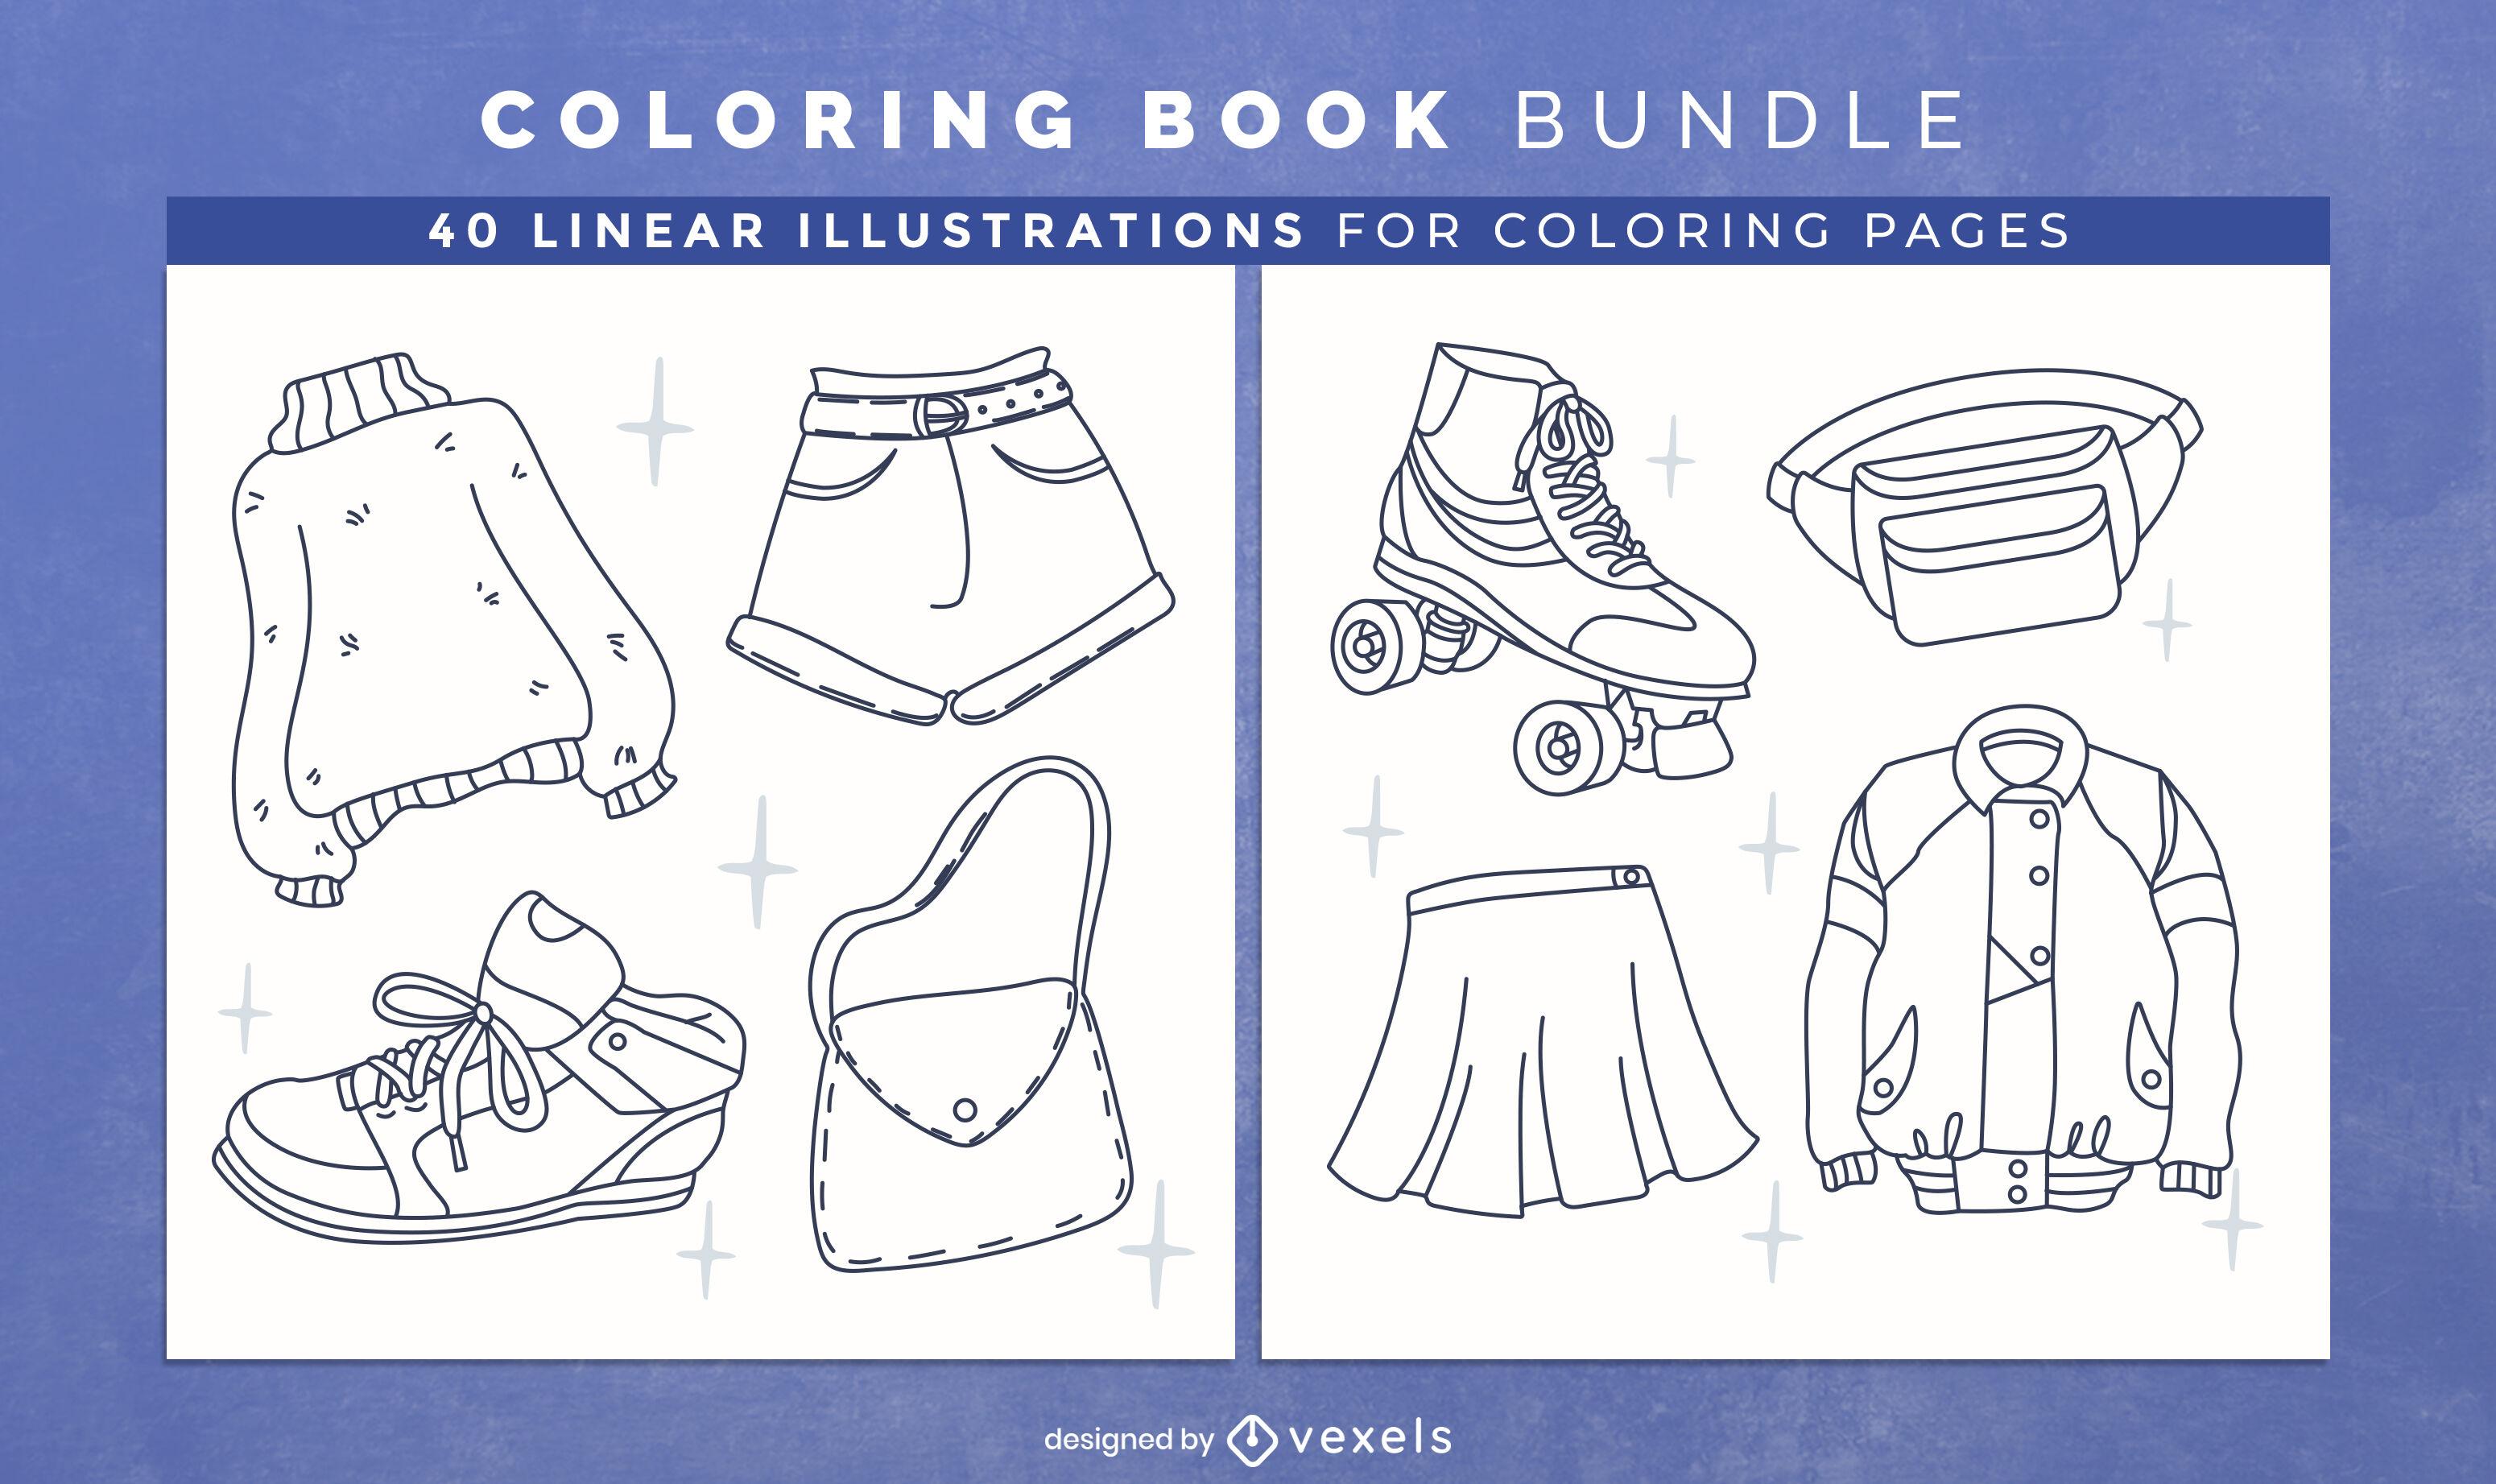 Ropa de moda para colorear p?ginas de dise?o de libros